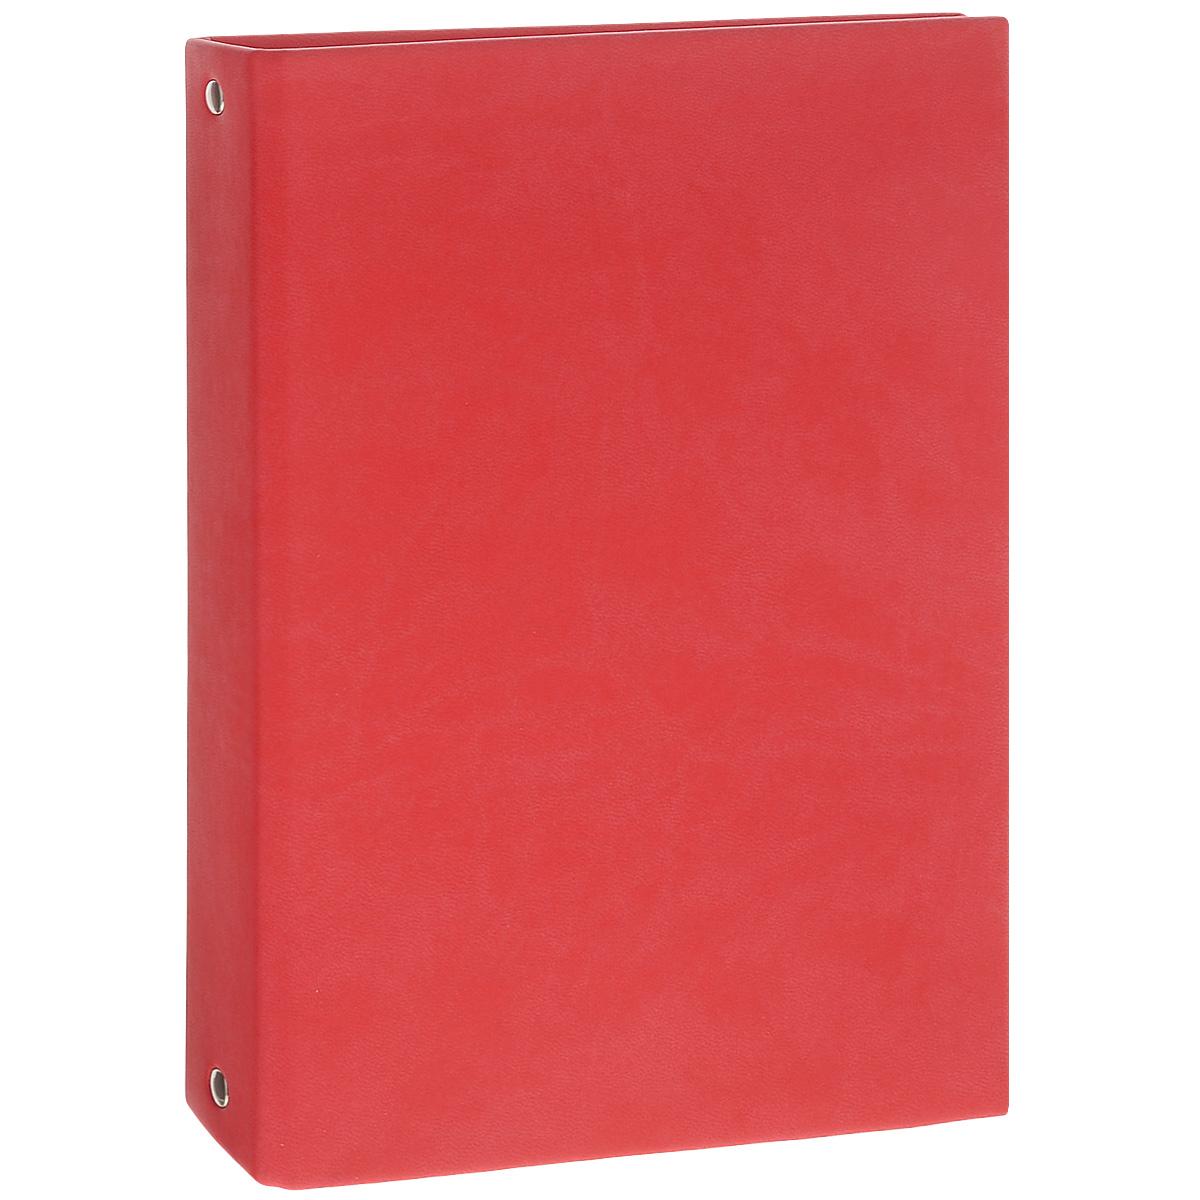 Тетрадь на кольцах Вивелла, цвет: розово-красный, 120 листов1134-309Тетрадь Вивелла отлично подойдет для хранения важных записей по учебе, работе или для повседневных заметок.Обложка тетради выполнена из плотного картона, обтянутого искусственной кожей розово-красного цвета. Внутренний блок состоит из 120 листов качественной белой бумаги со стандартной линовкой голубого цвета в клетку без полей. Листы в блоке крепятся на четырех металлических кольцах.